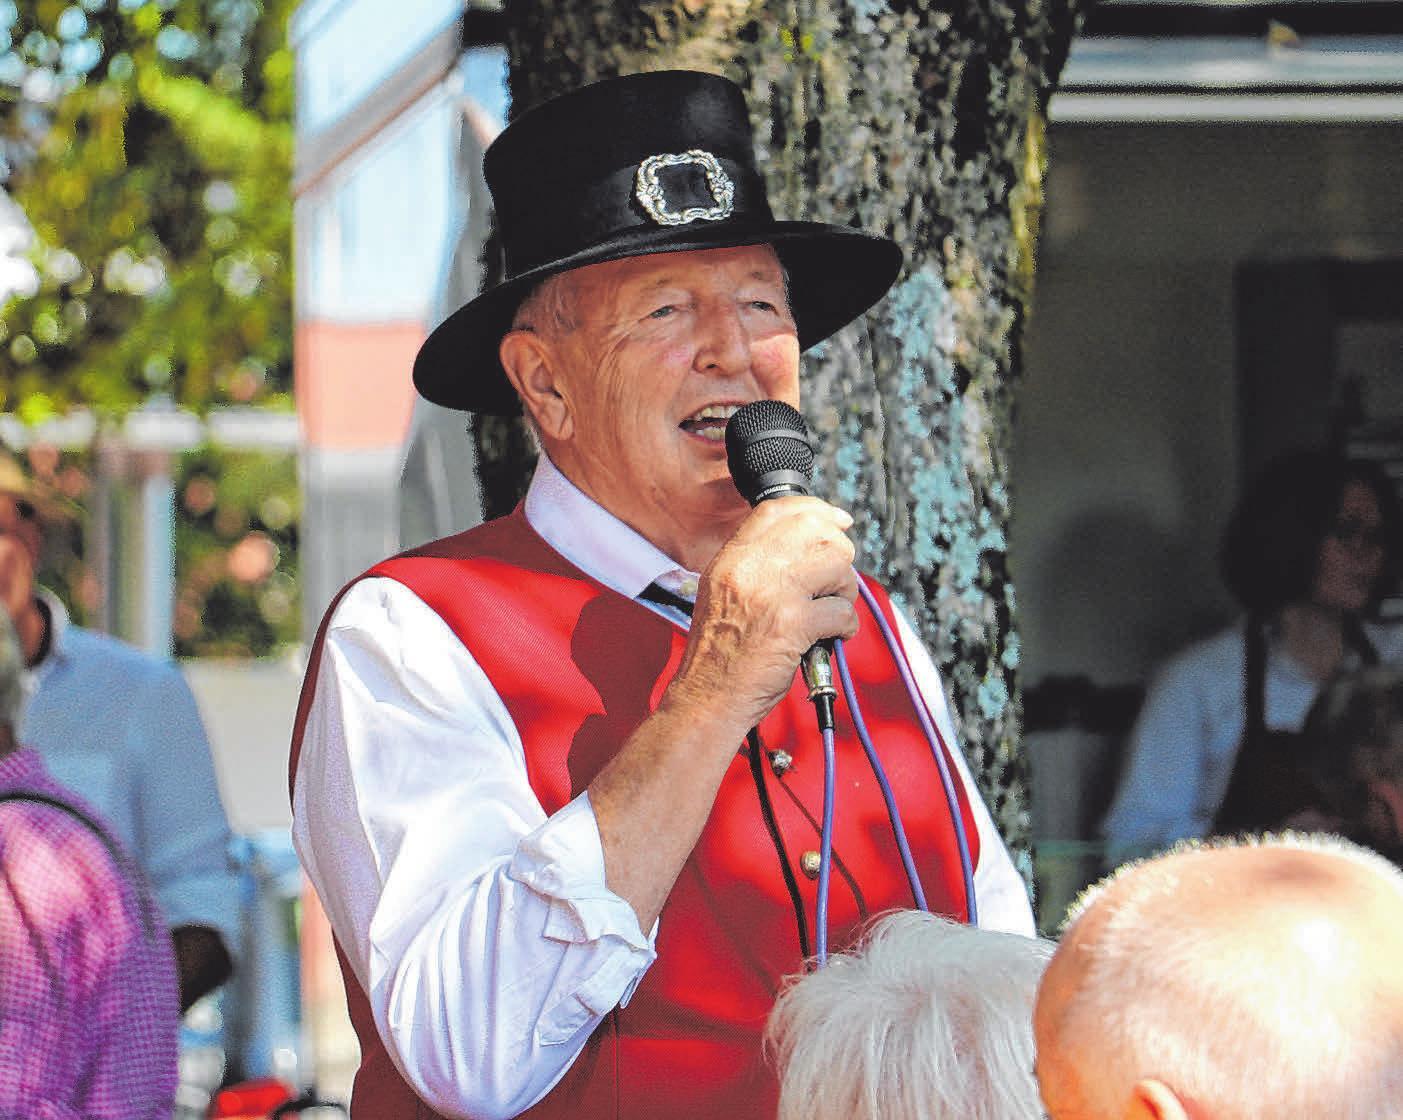 Franz Mayerföls, Vorsitzender des Vereins Brauchtumspflege Magnus-, Heimat- und Kinderfest .